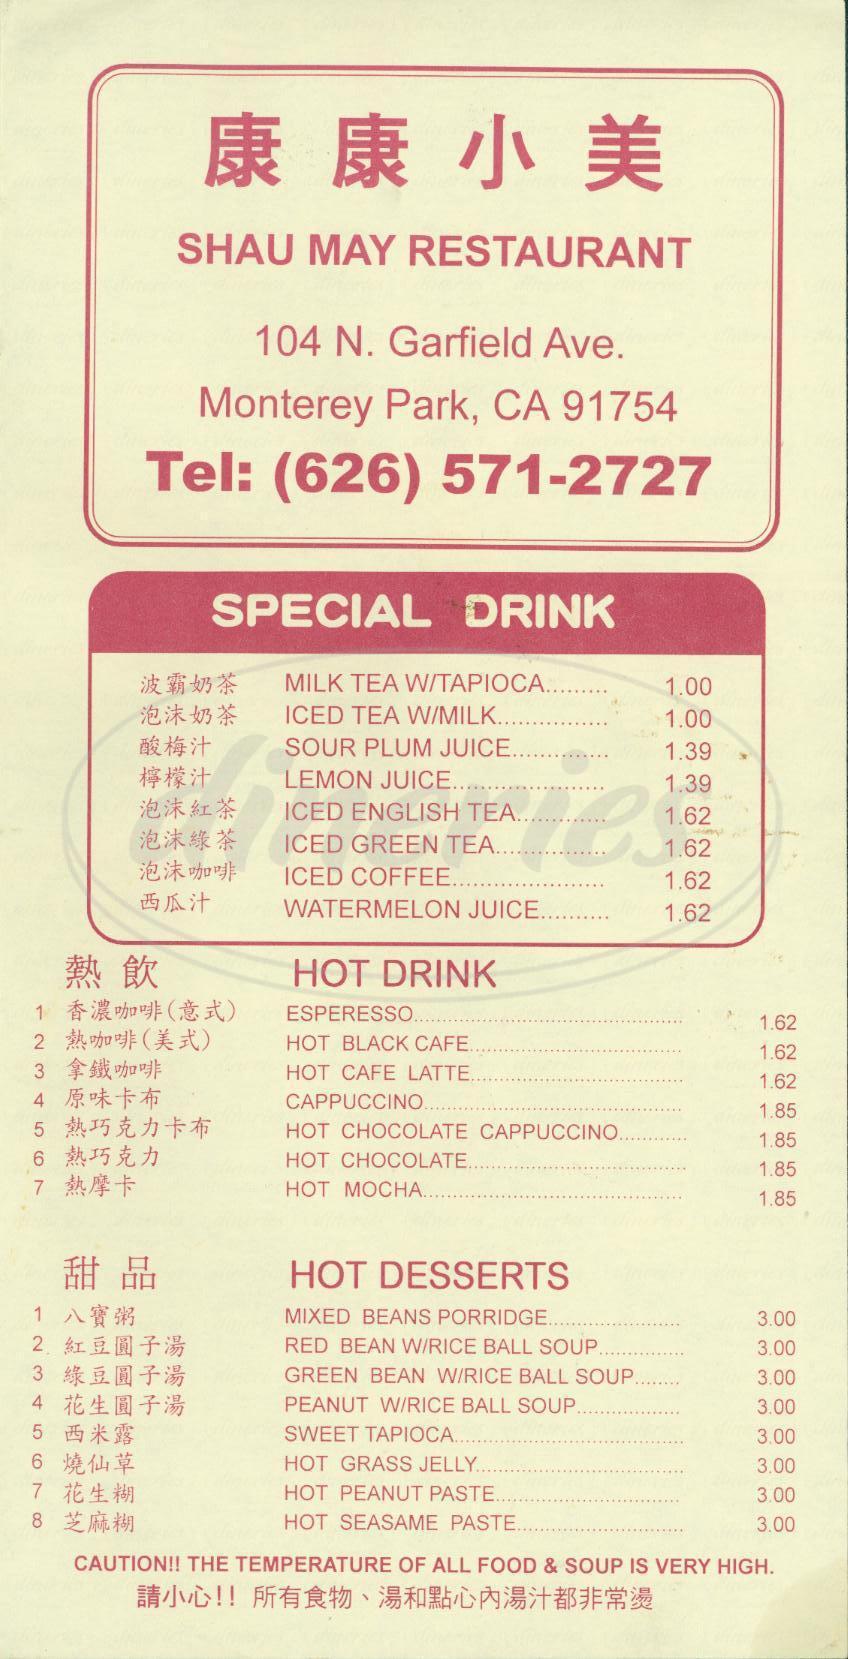 menu for Shau May